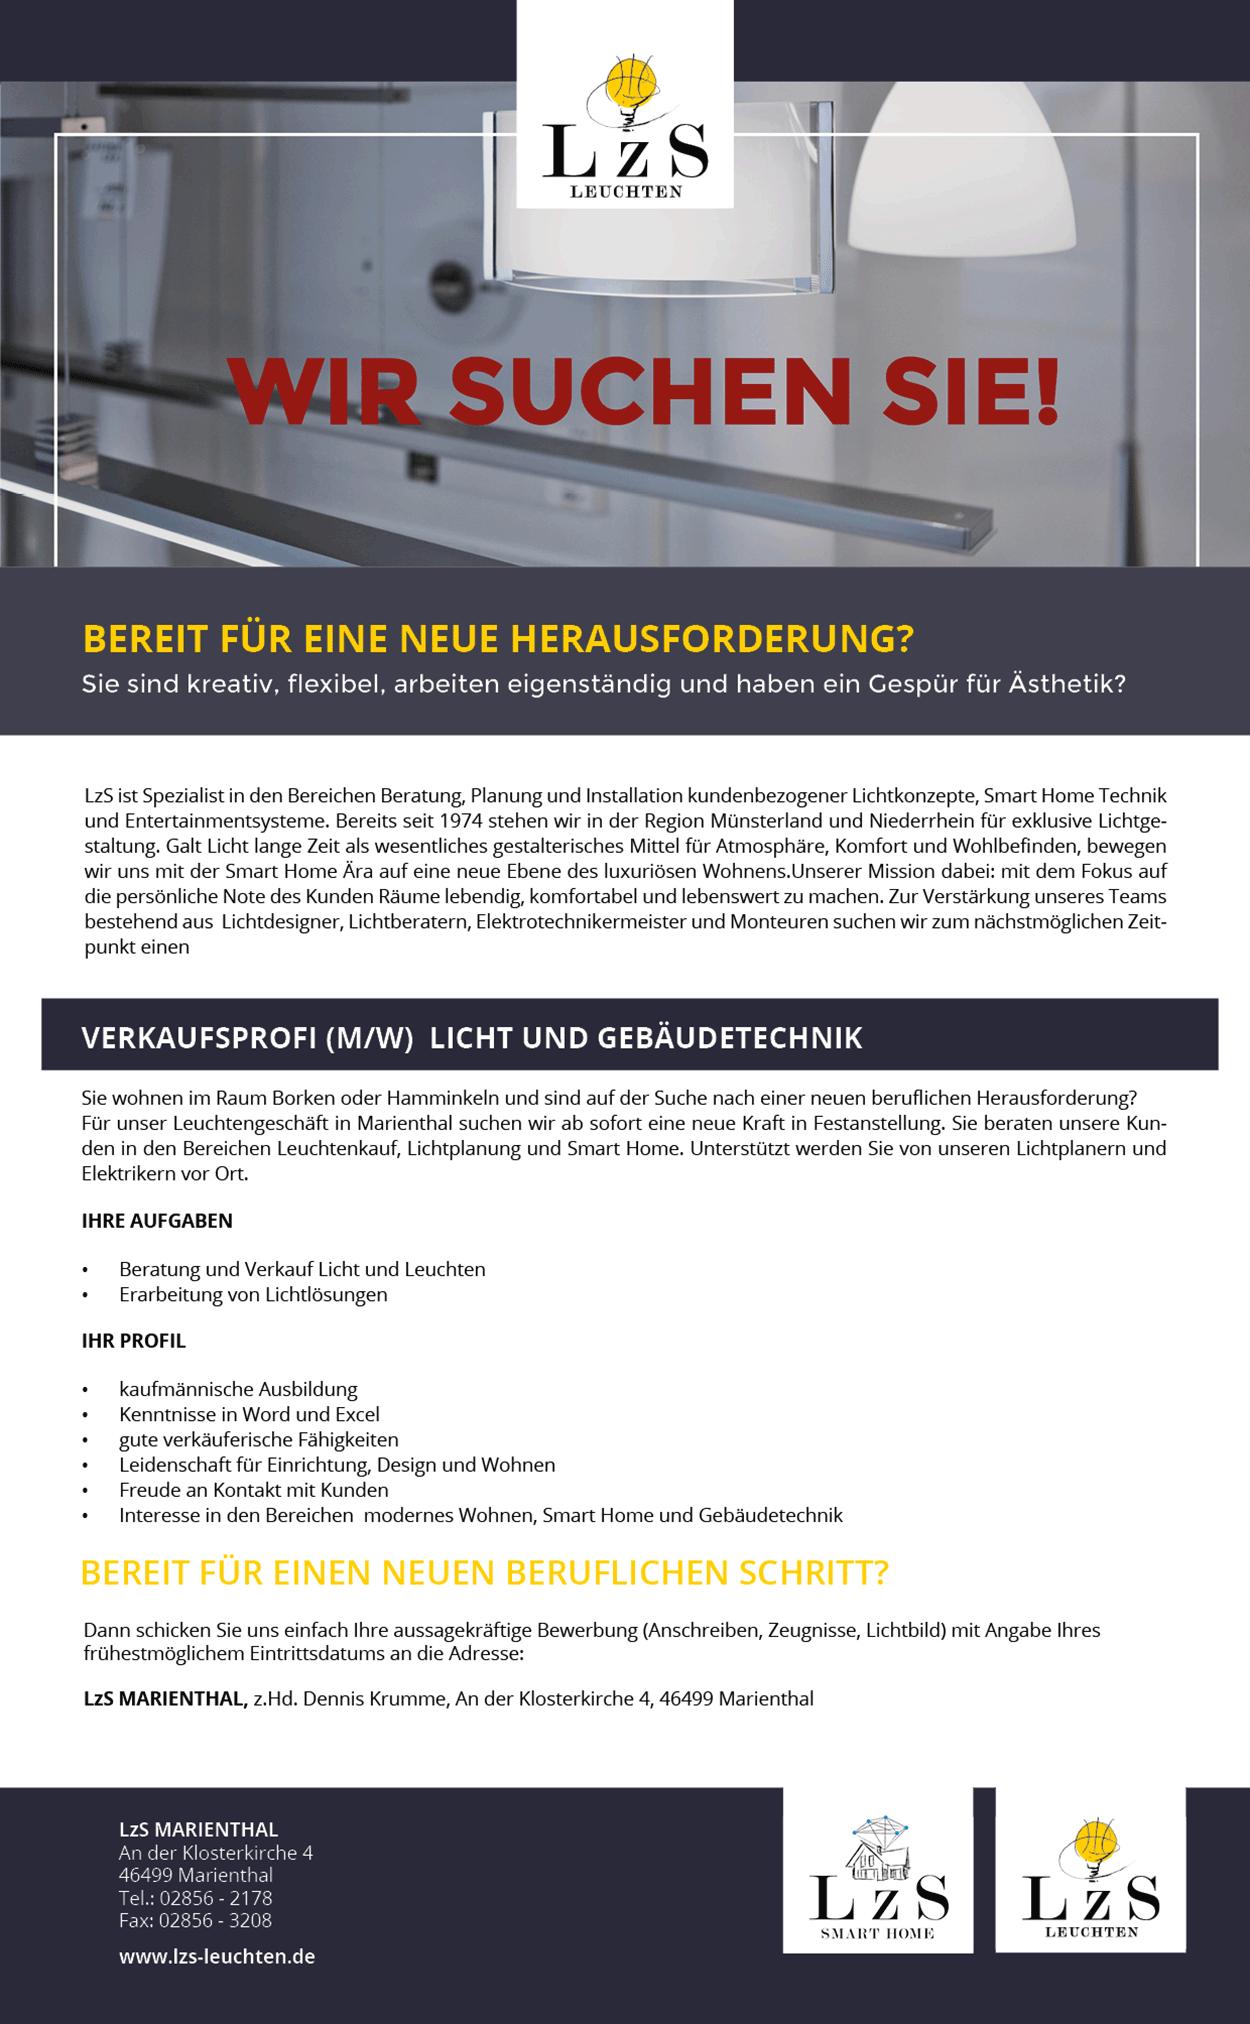 Stellenanzeige_LzS_WebSite_Verkaufsprofi_11_2018_web